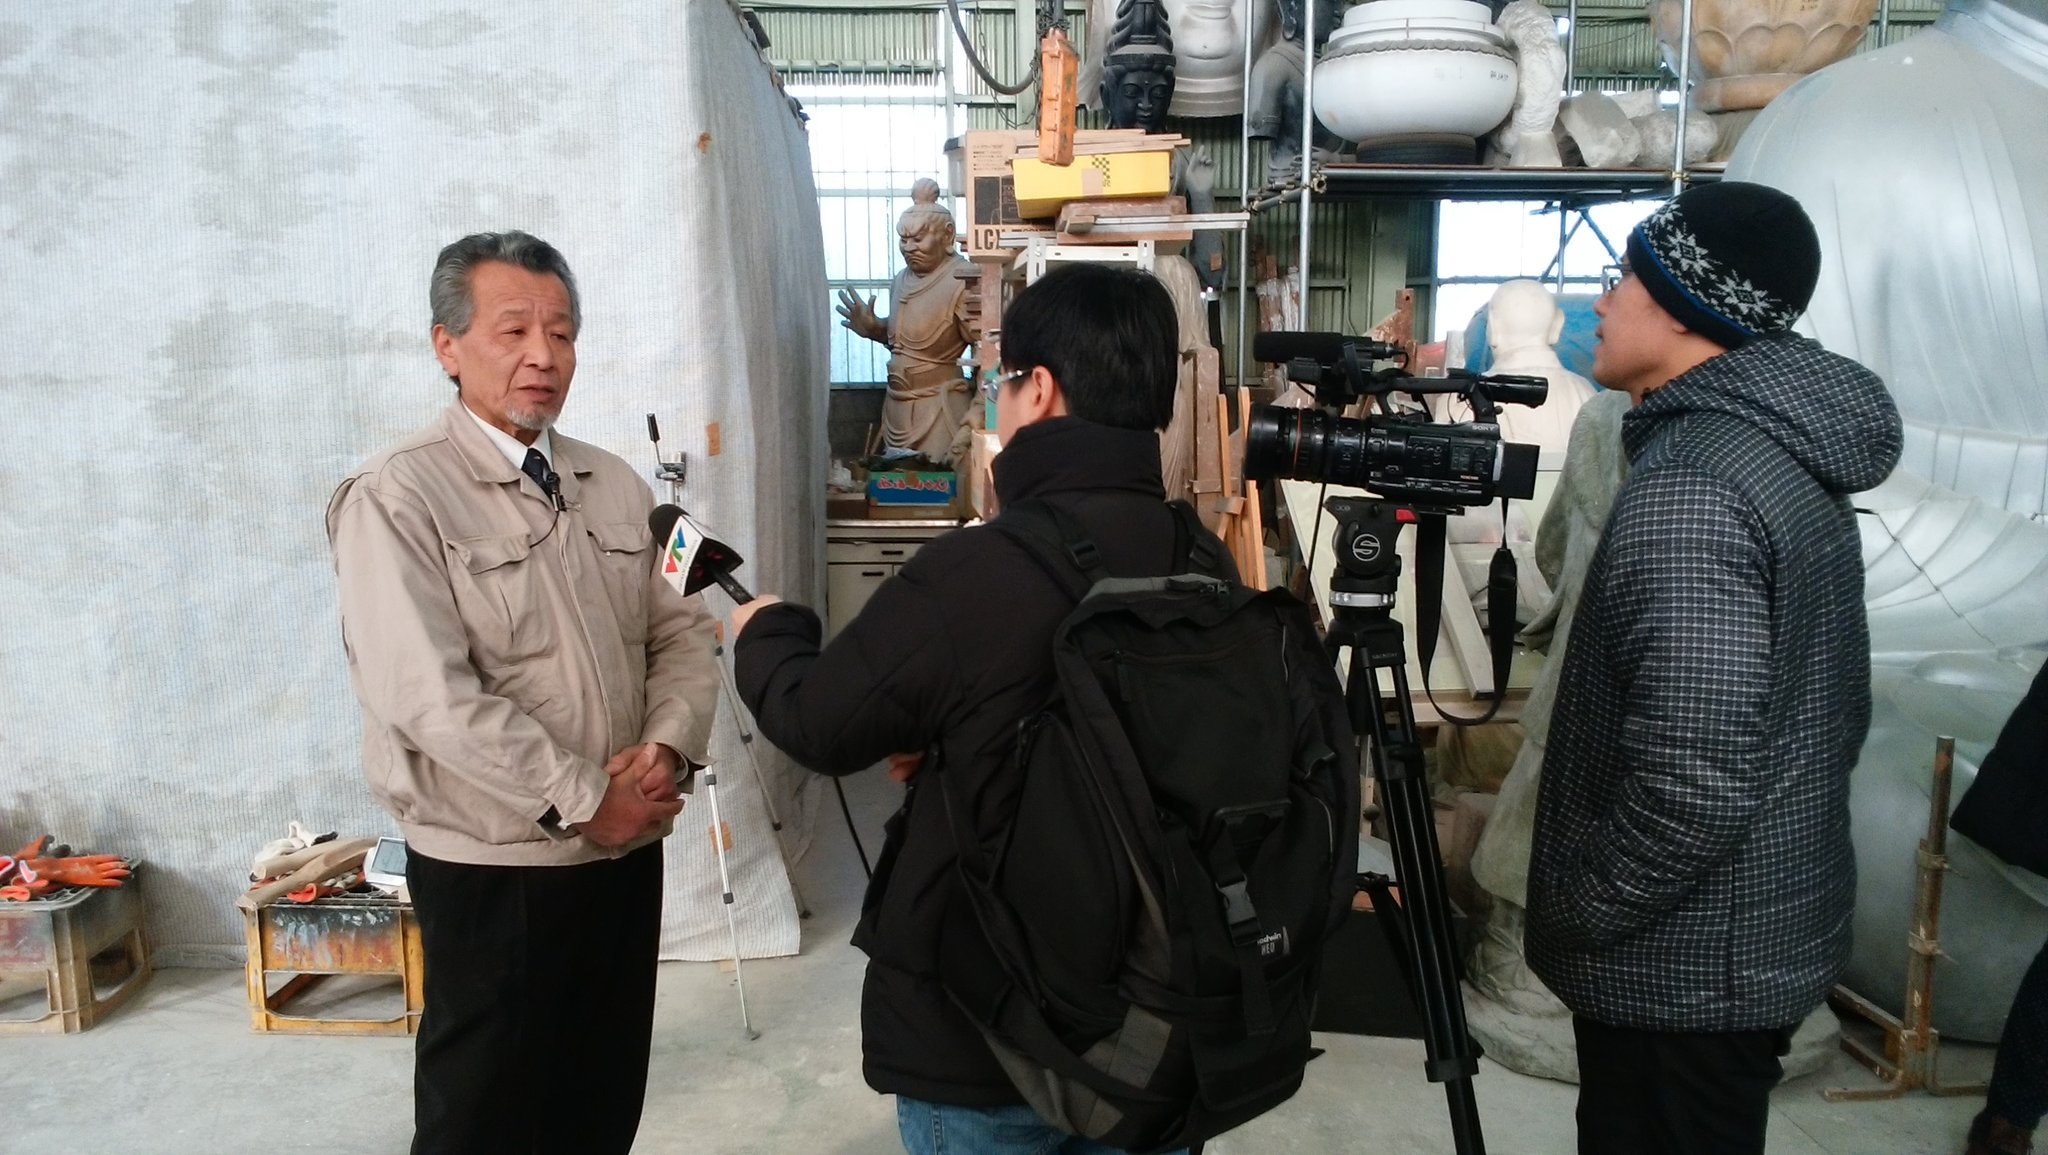 釈迦三尊像の再生プロジェクトで、最大のパーツである大光背を製造された梶原製作所さんに取材に来ています。 https://t.co/LYFDixIjnd